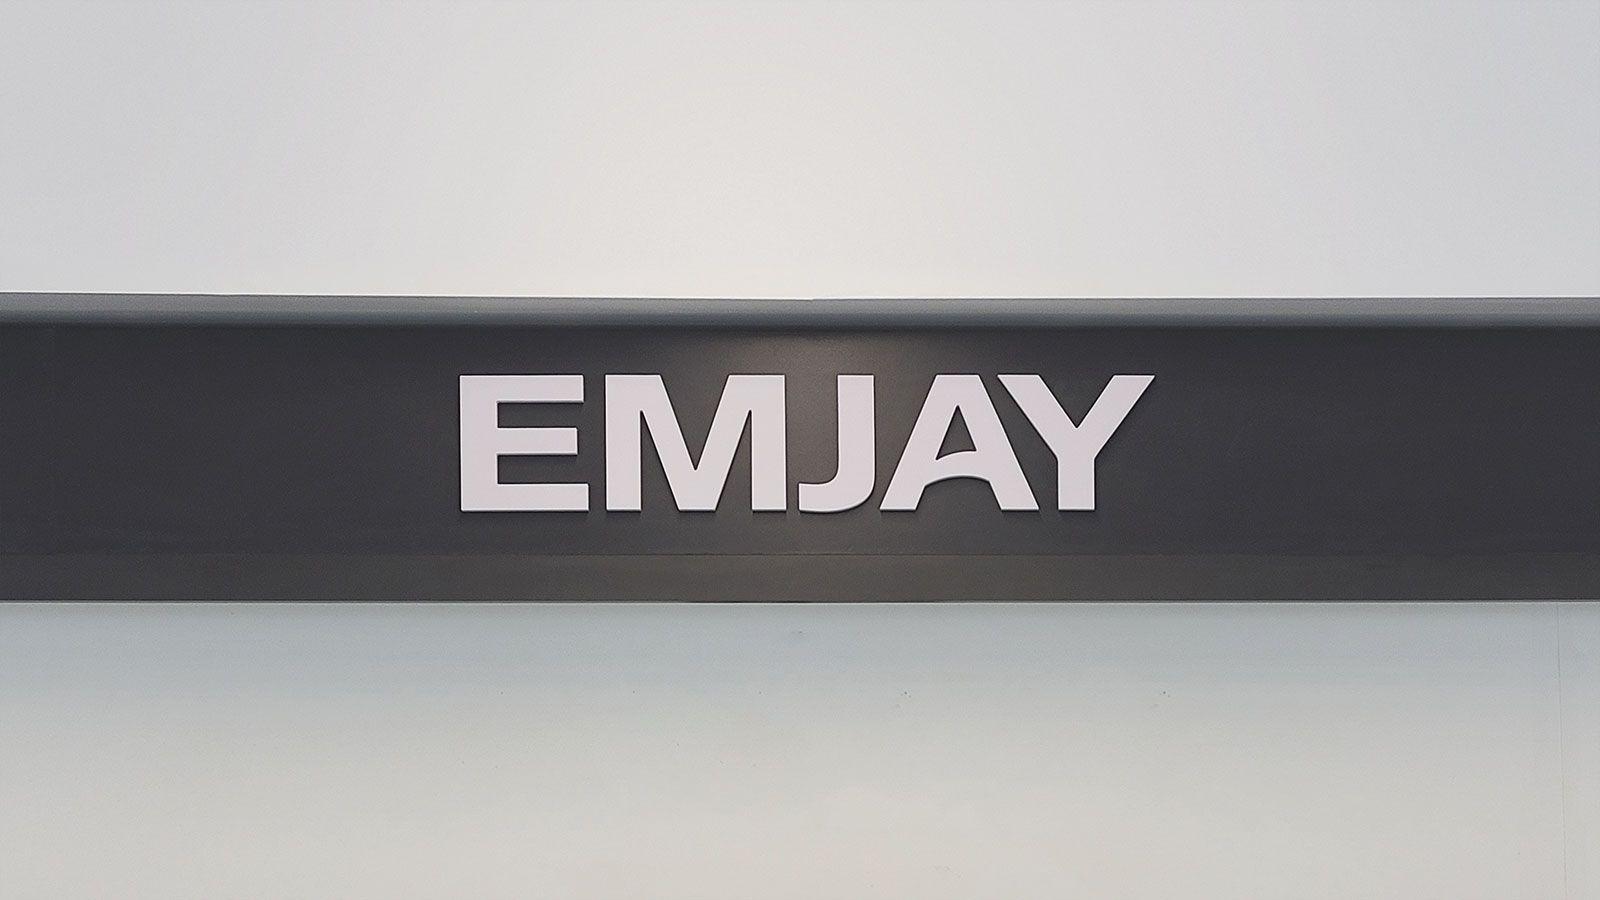 Emjay 3D pvc letters